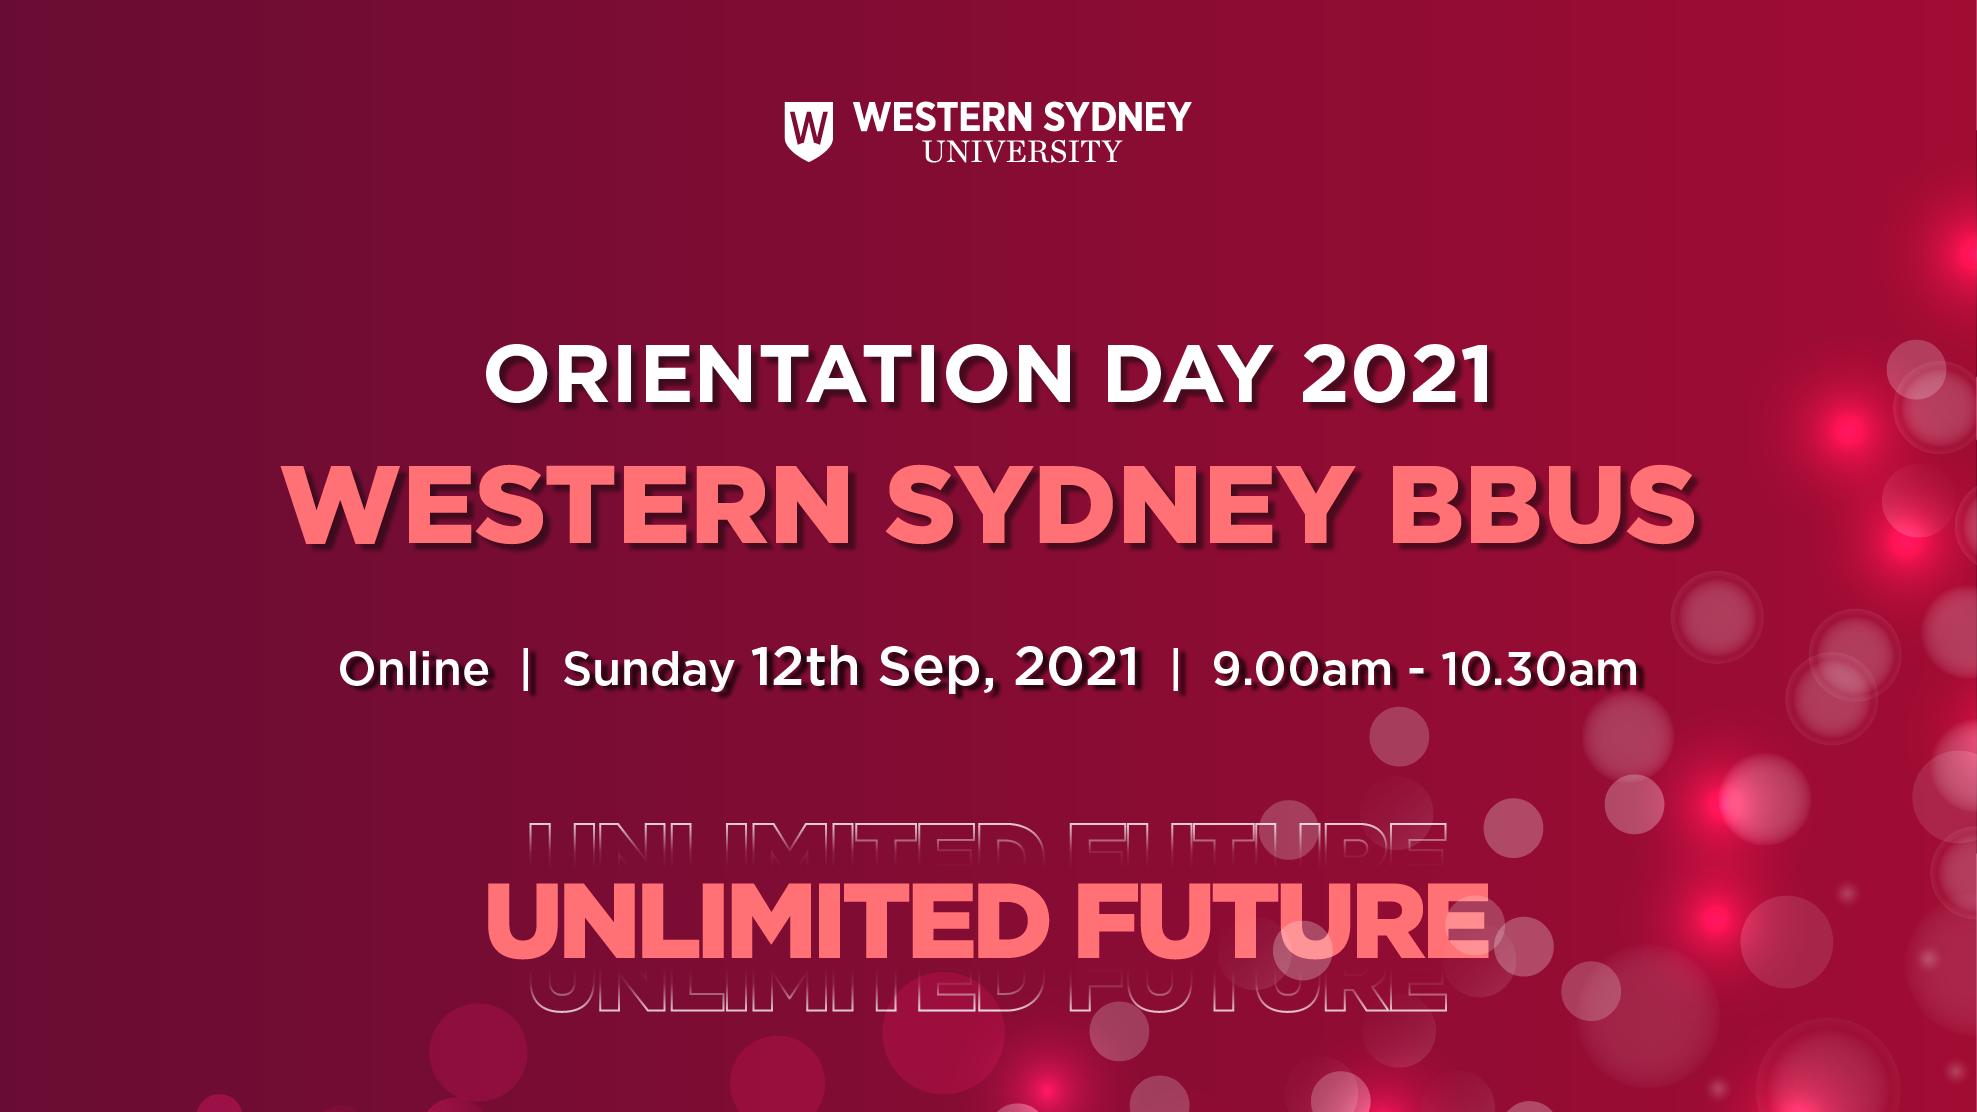 Lễ Khai giảng Chương trình Cử nhân Kinh doanh Western Sydney BBUS 2021